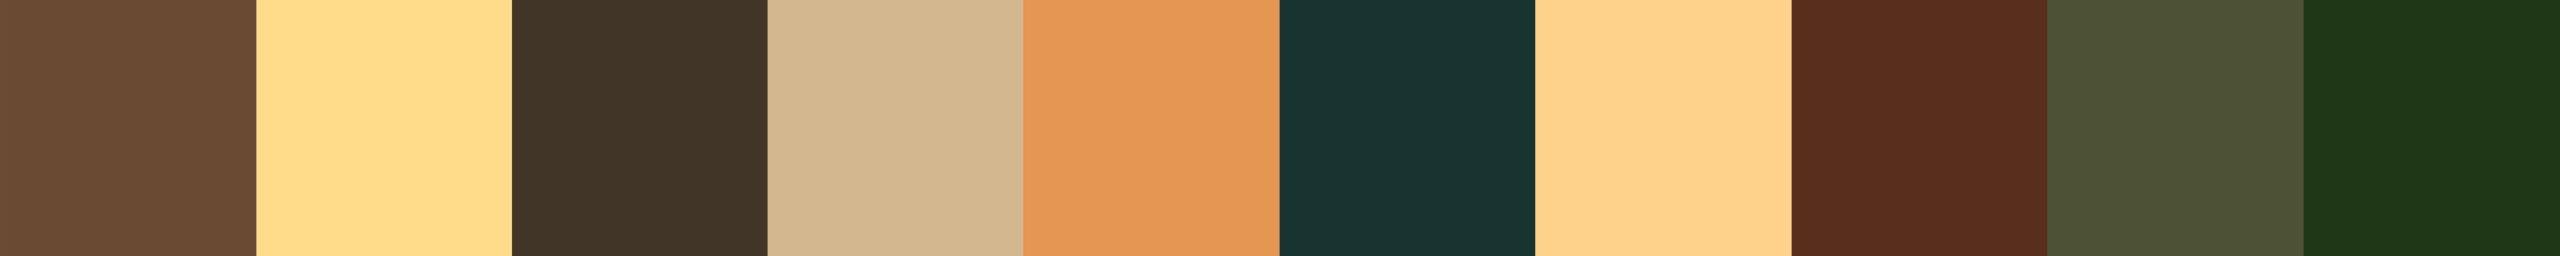 579 Kynthia Color Palette